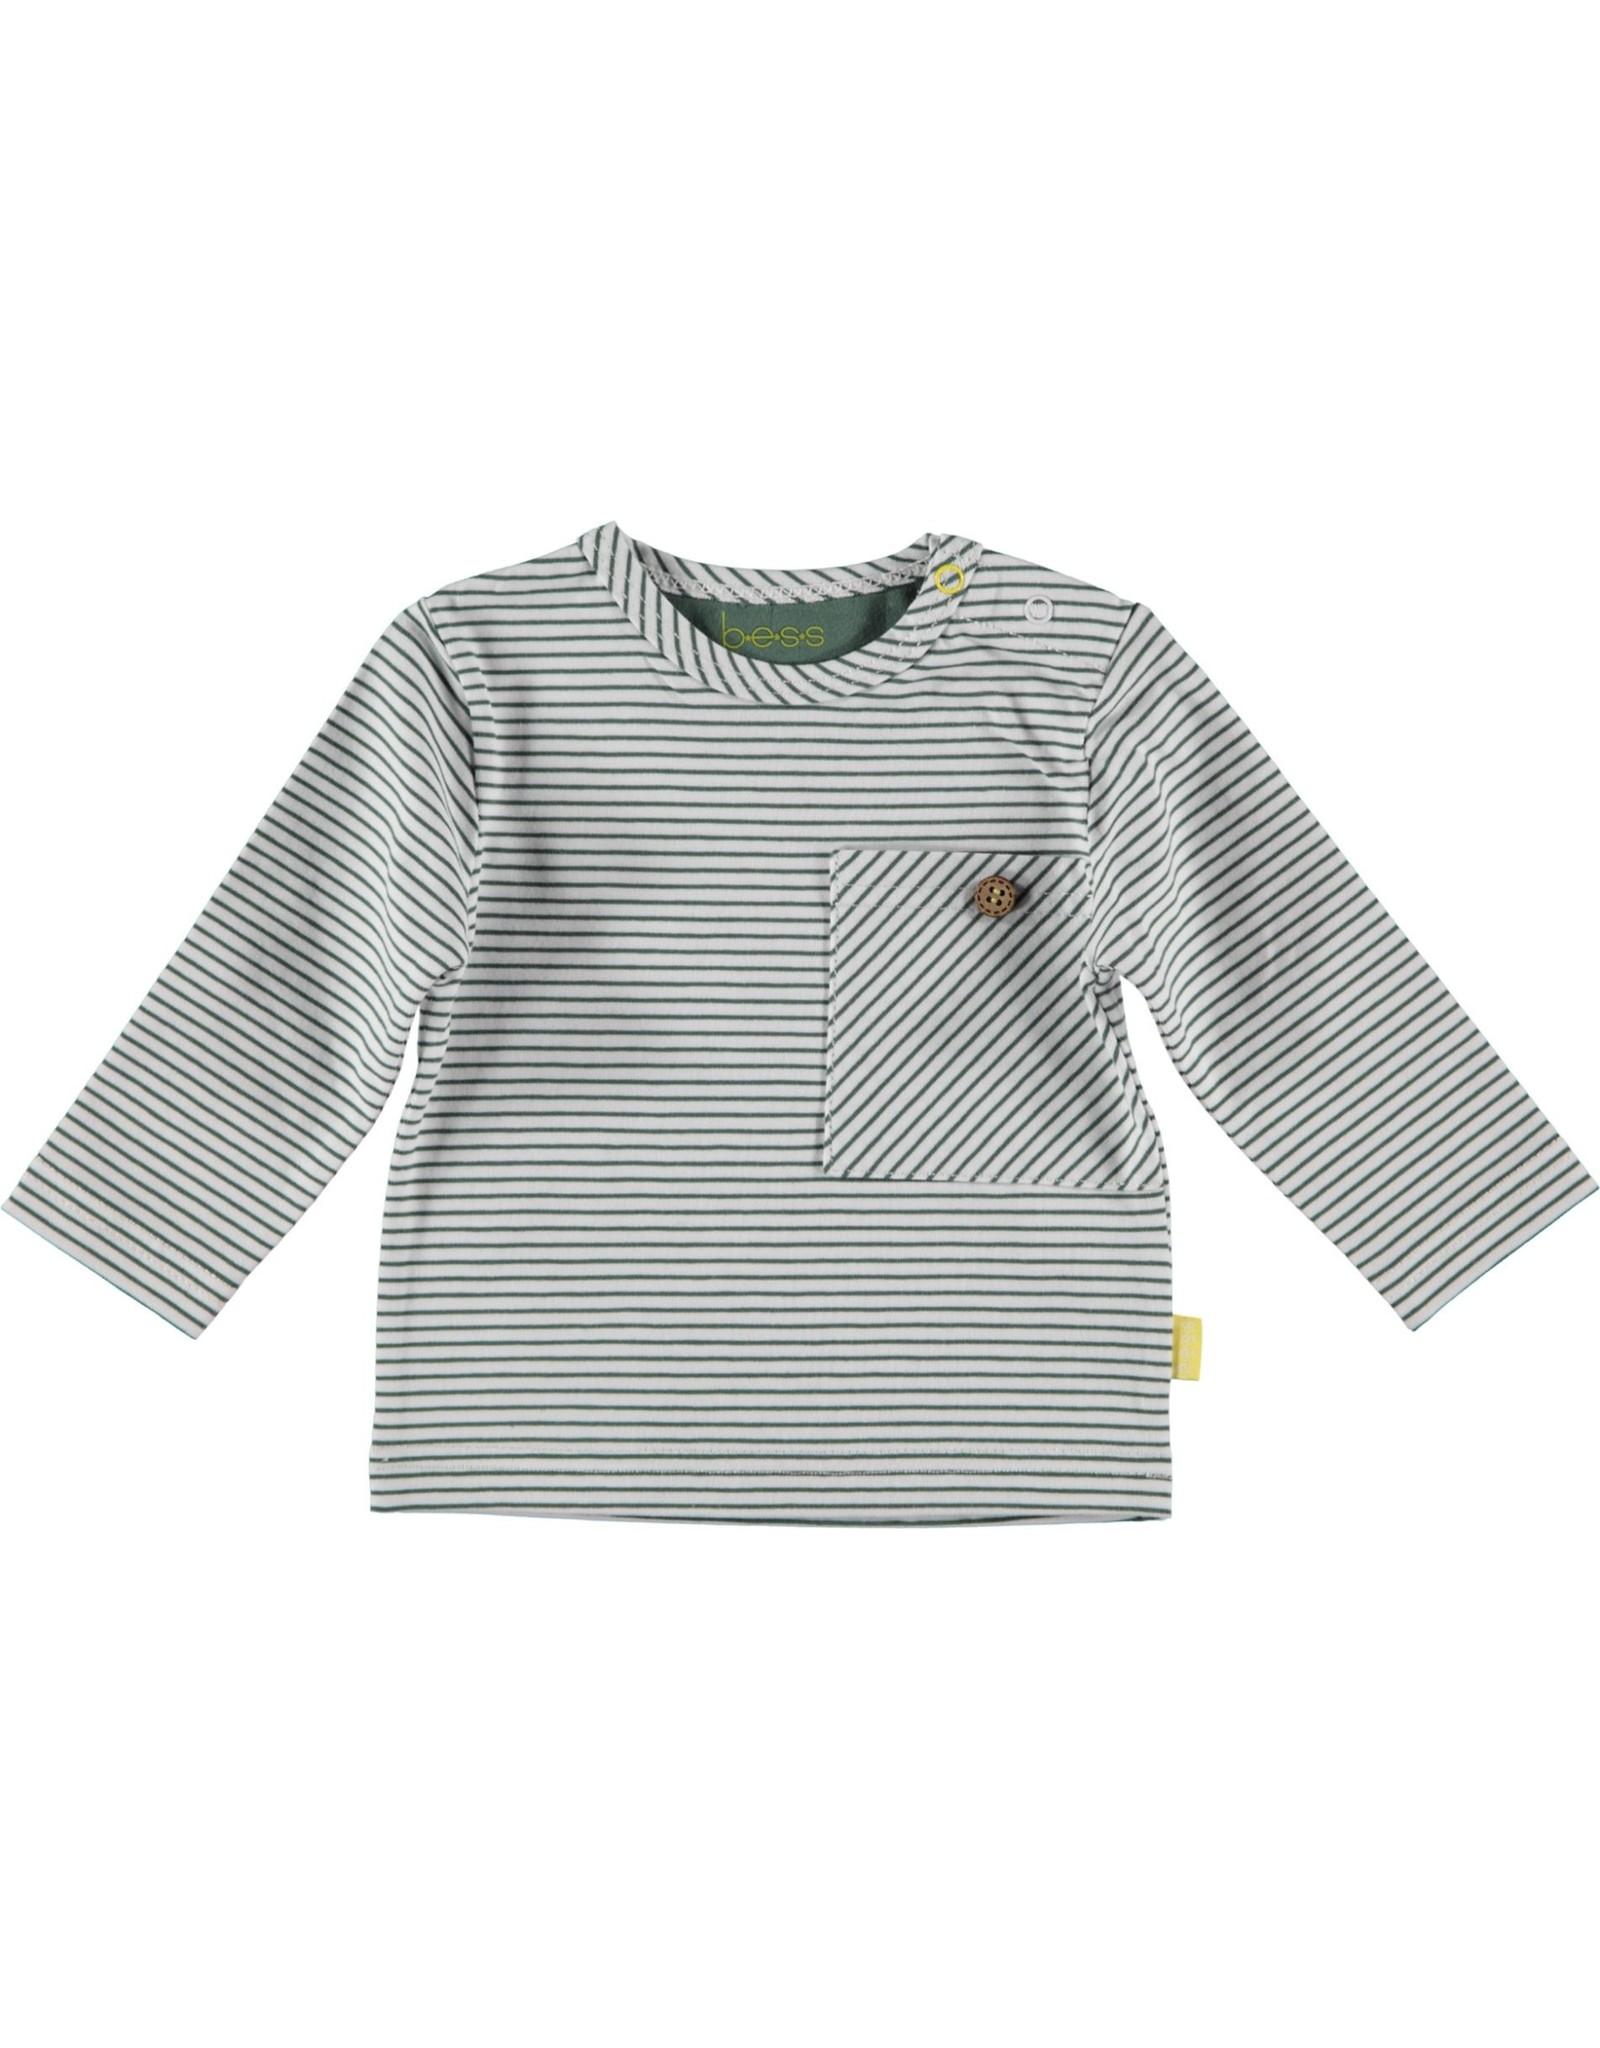 B*E*S*S 21057 T-Shirt